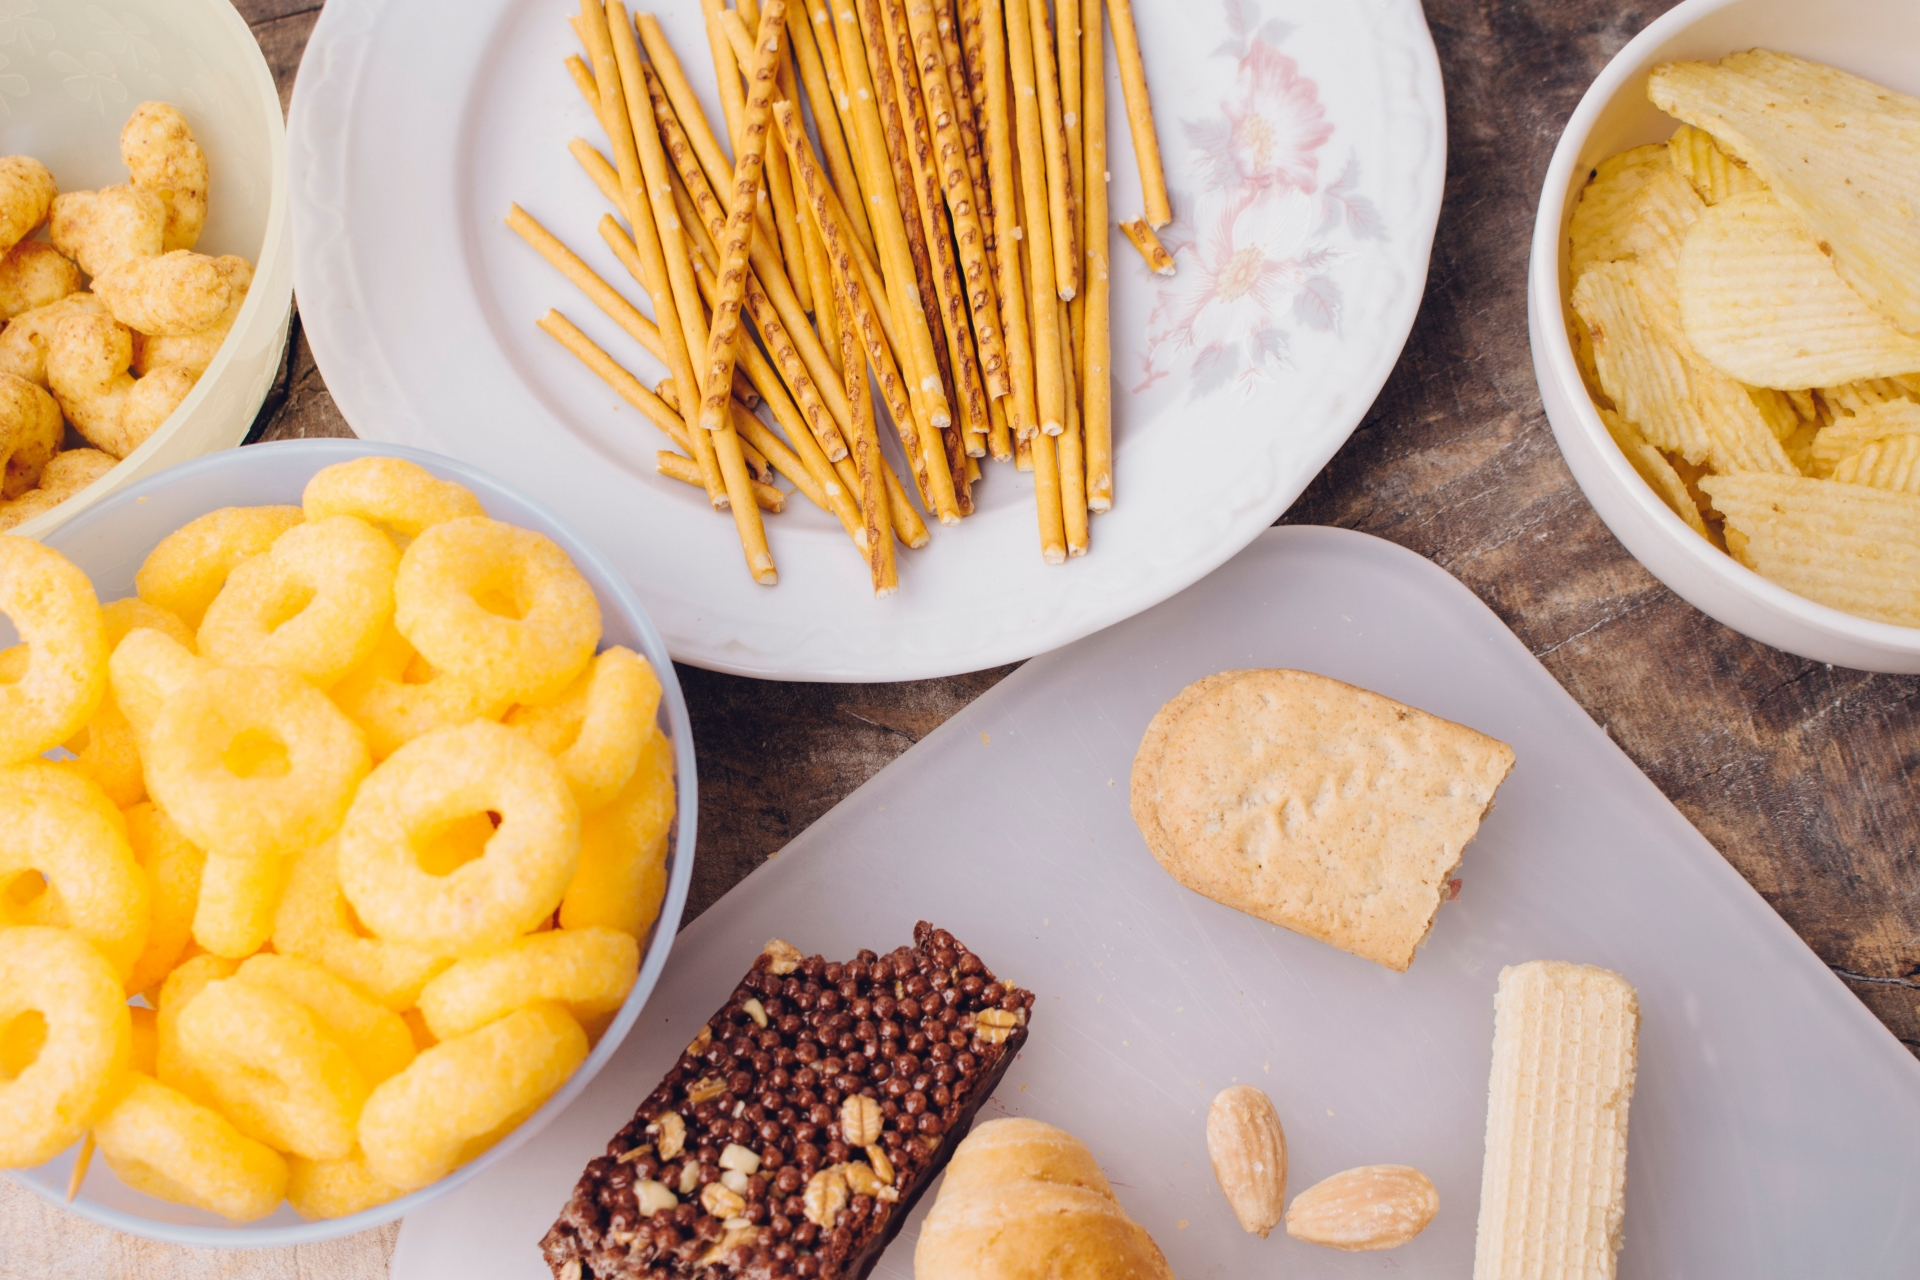 トランス脂肪酸を含むスナック菓子